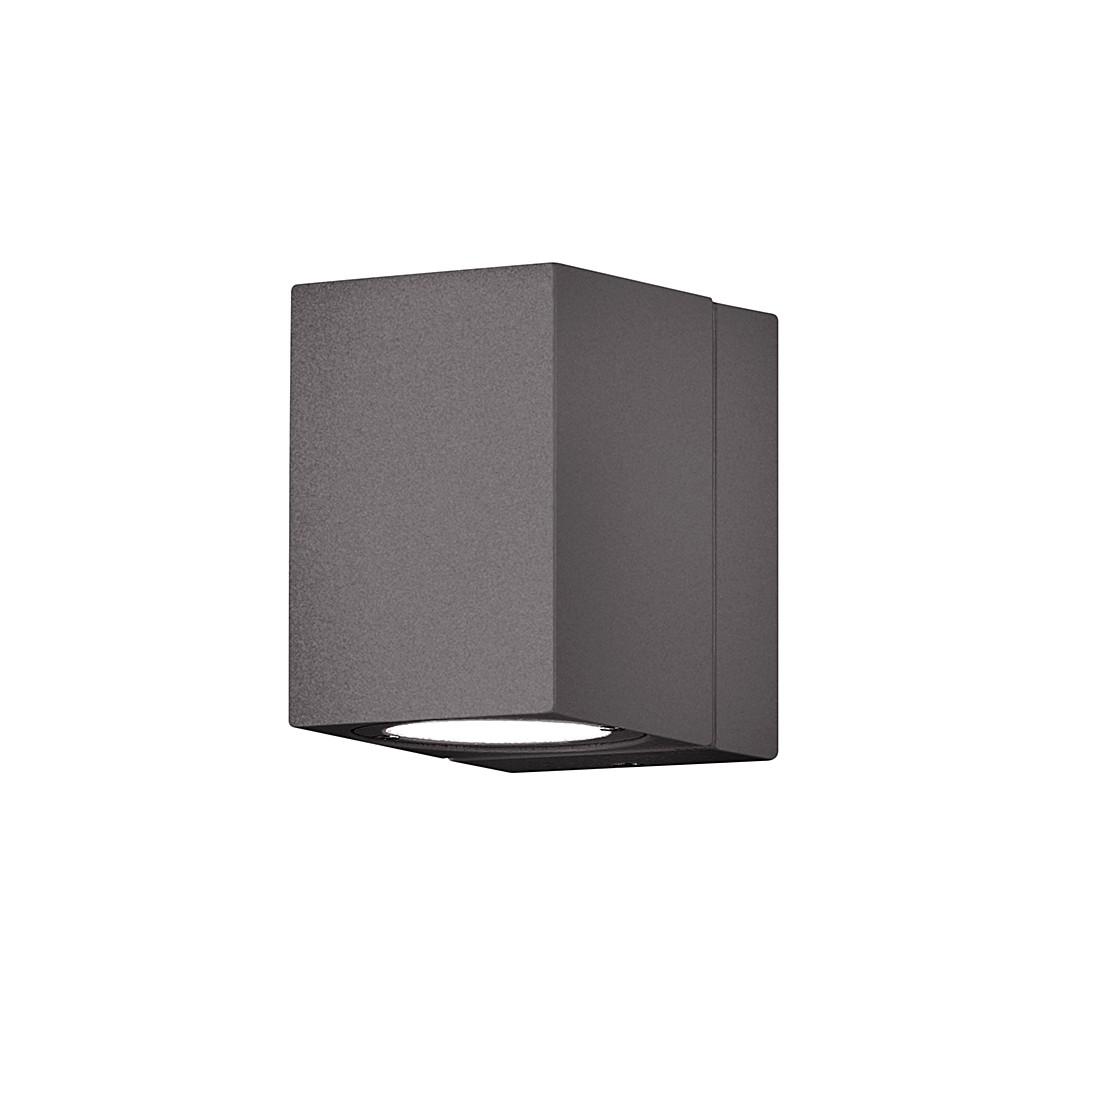 aussen wandleuchte tiber anthrazit 1x3 w trio online kaufen. Black Bedroom Furniture Sets. Home Design Ideas